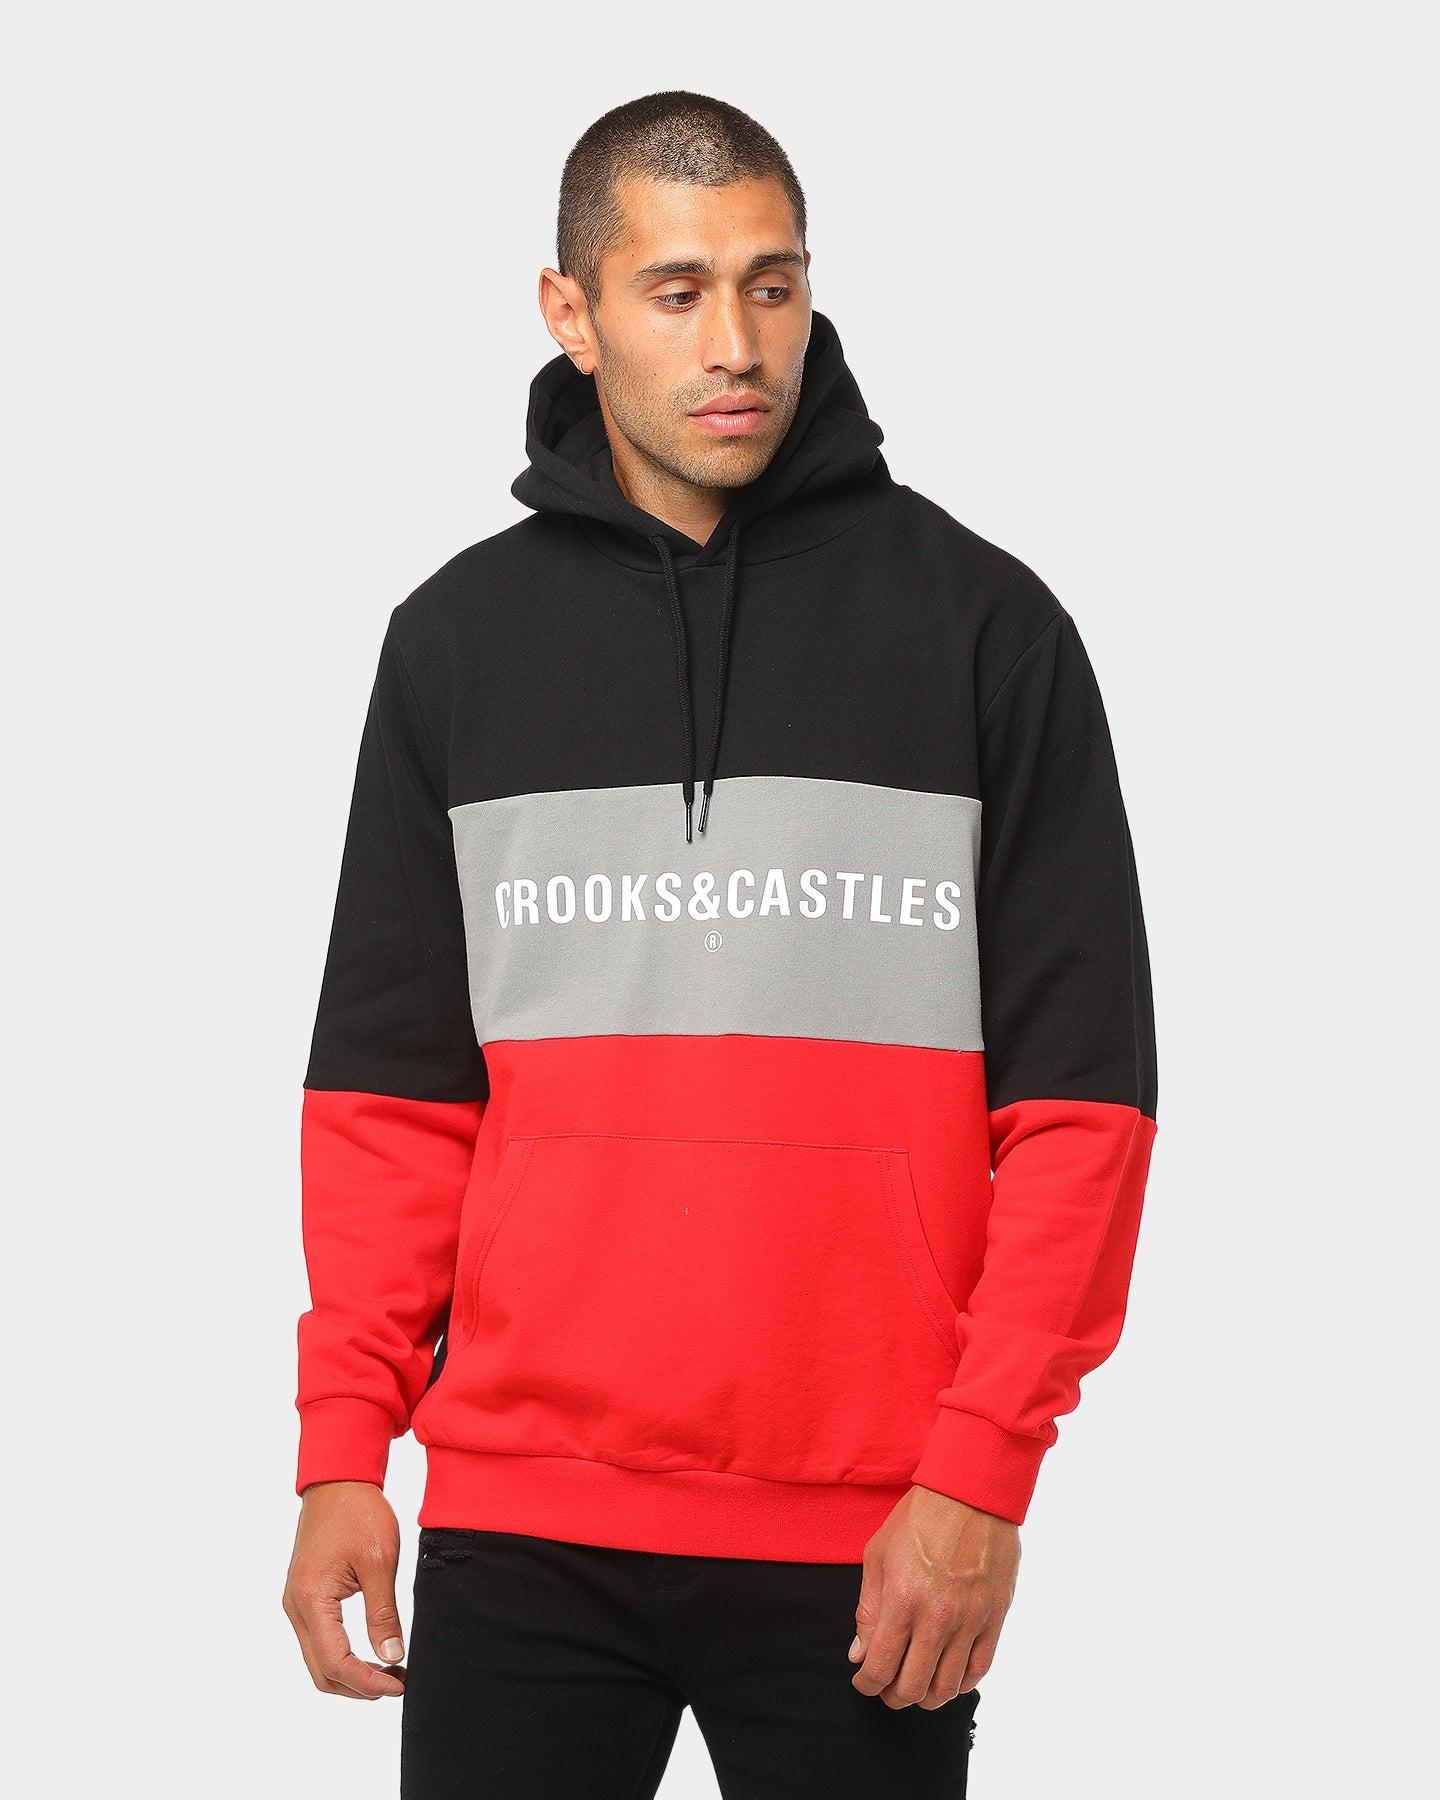 Heather ProSphere Pepperdine University Boys Hoodie Sweatshirt